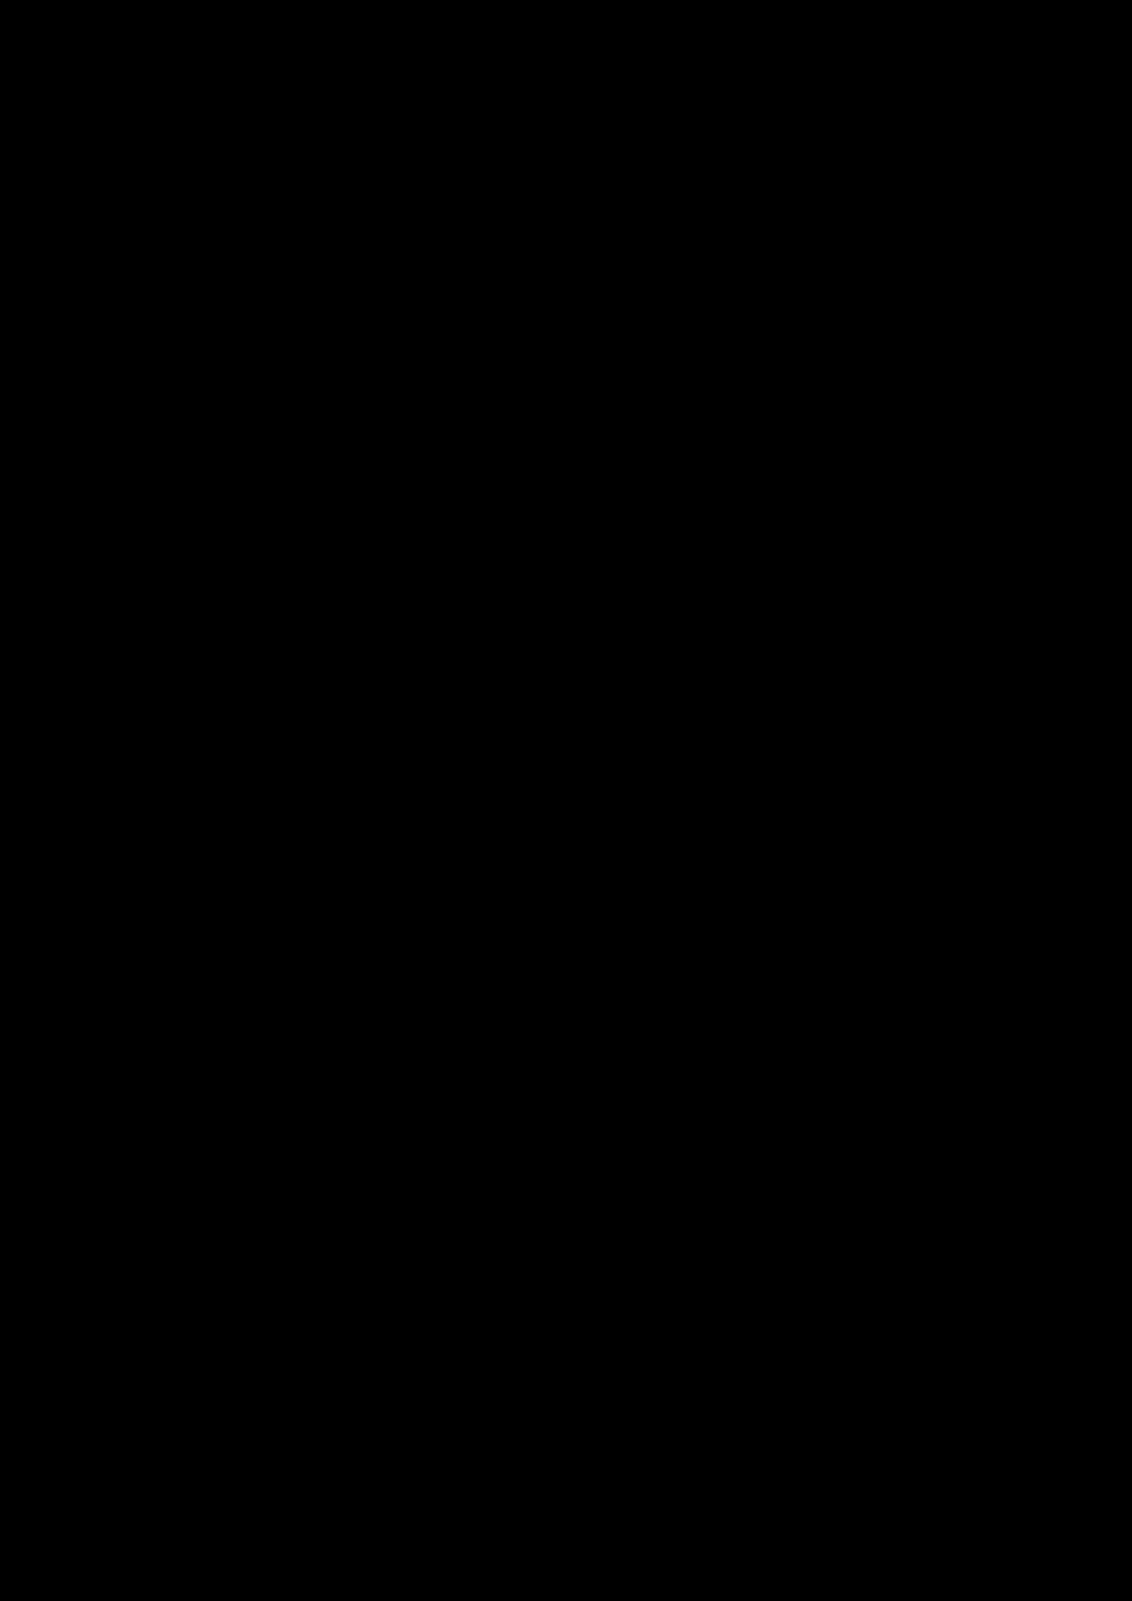 Hools slide, Image 19